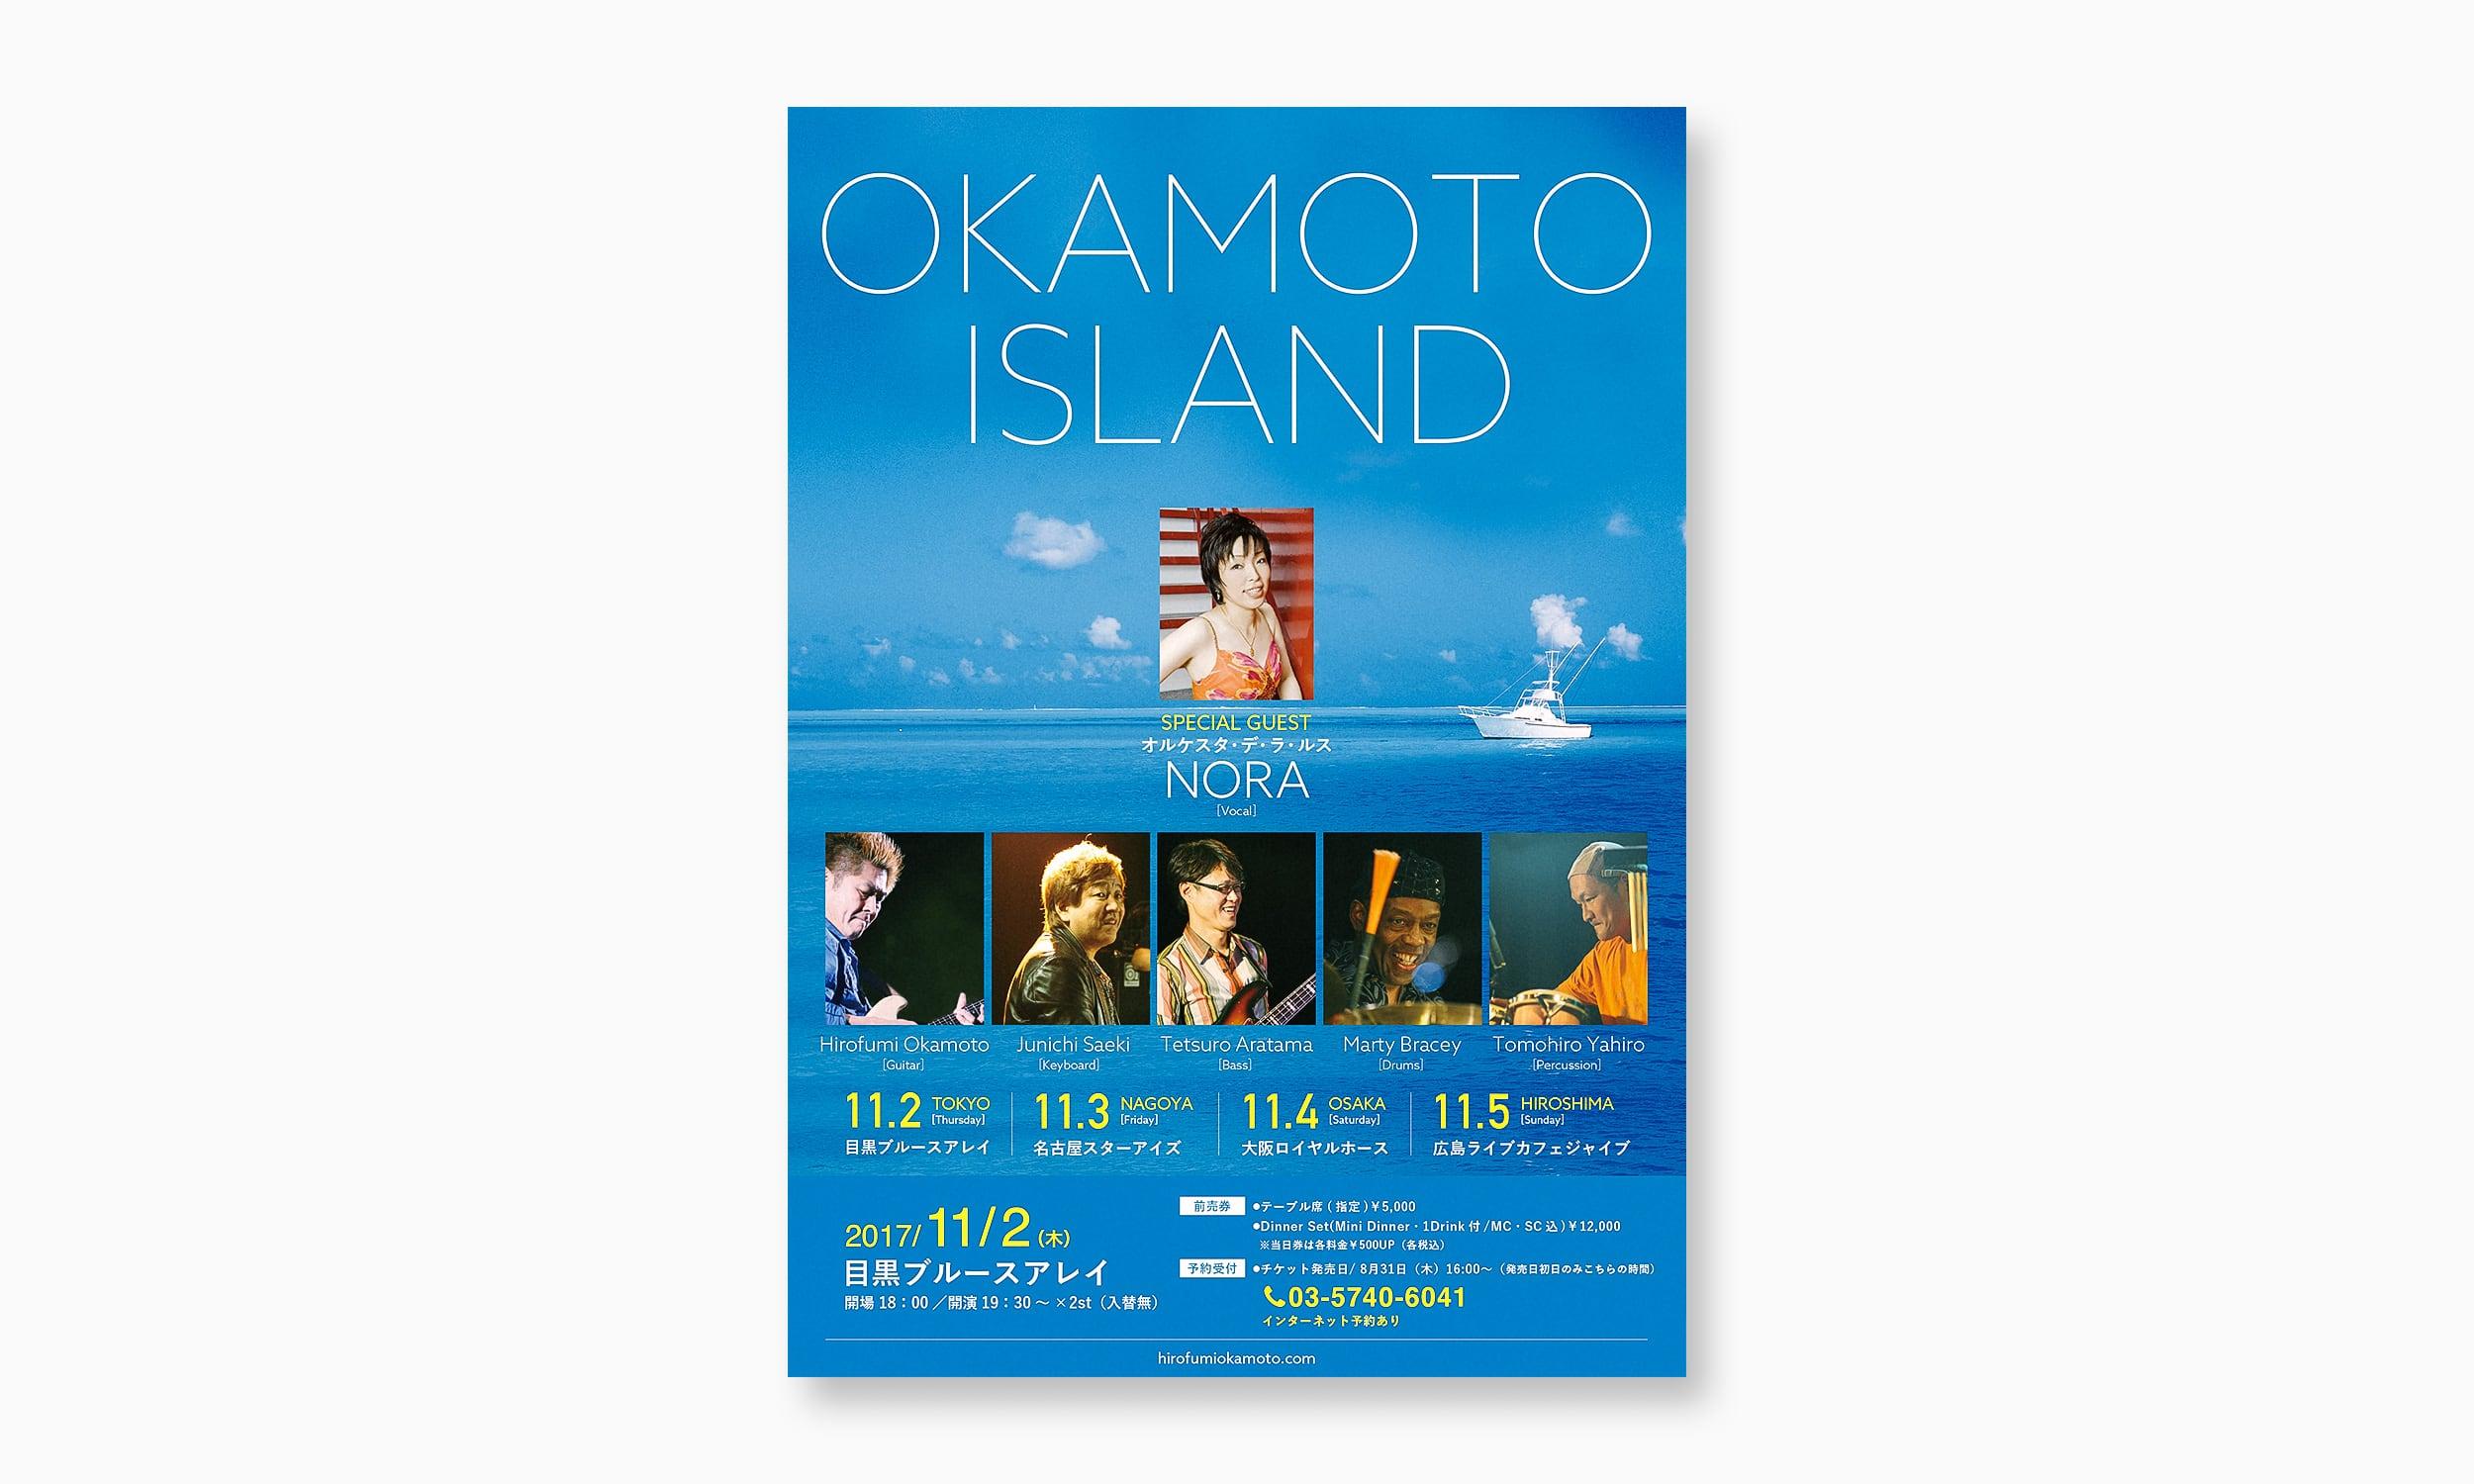 OKAMOTO ISLAND